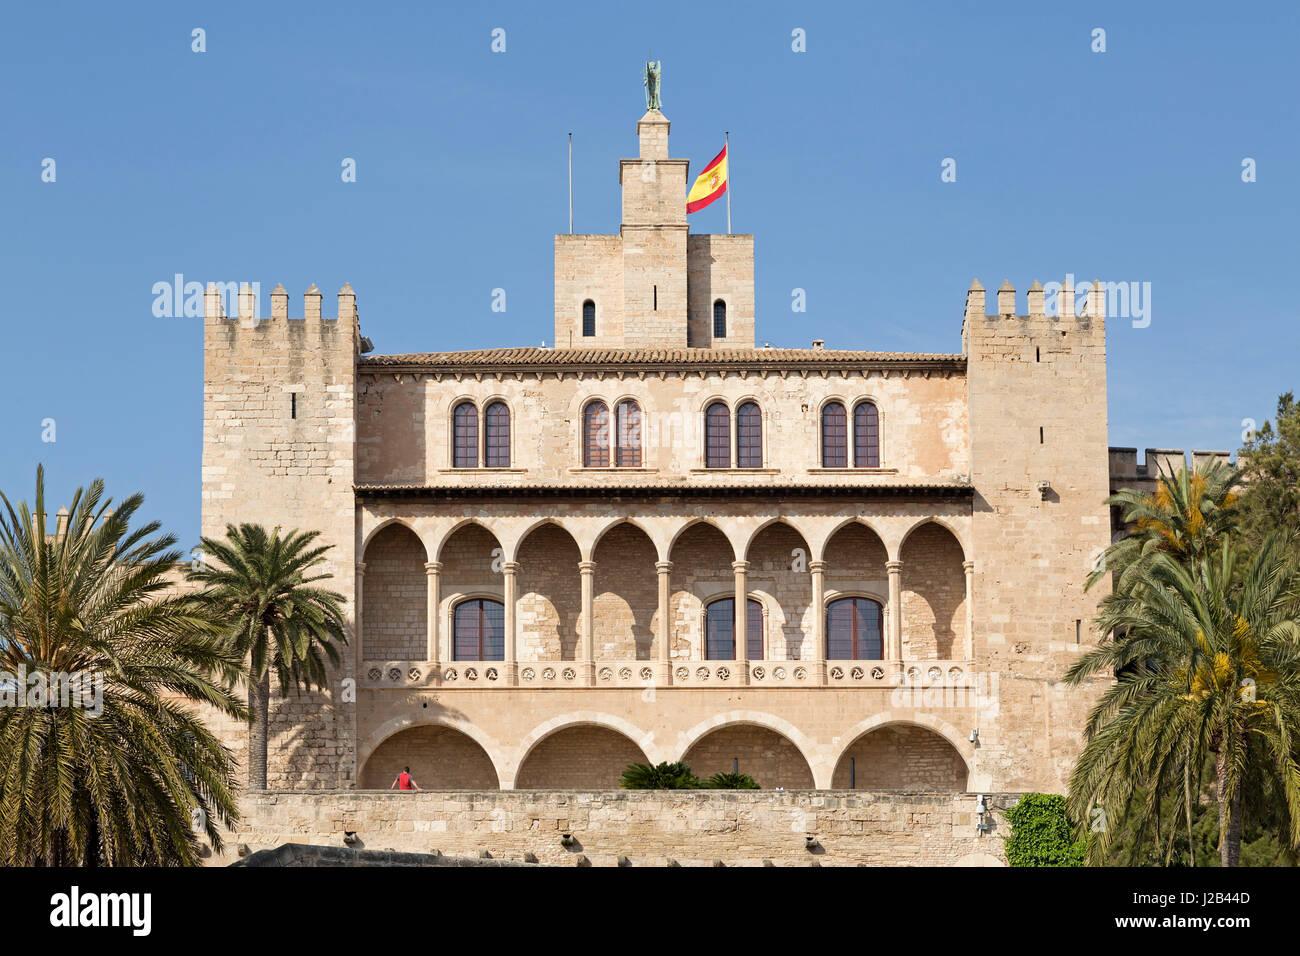 Palau de l´Almudaina in Palma de Mallorca, Spain - Stock Image